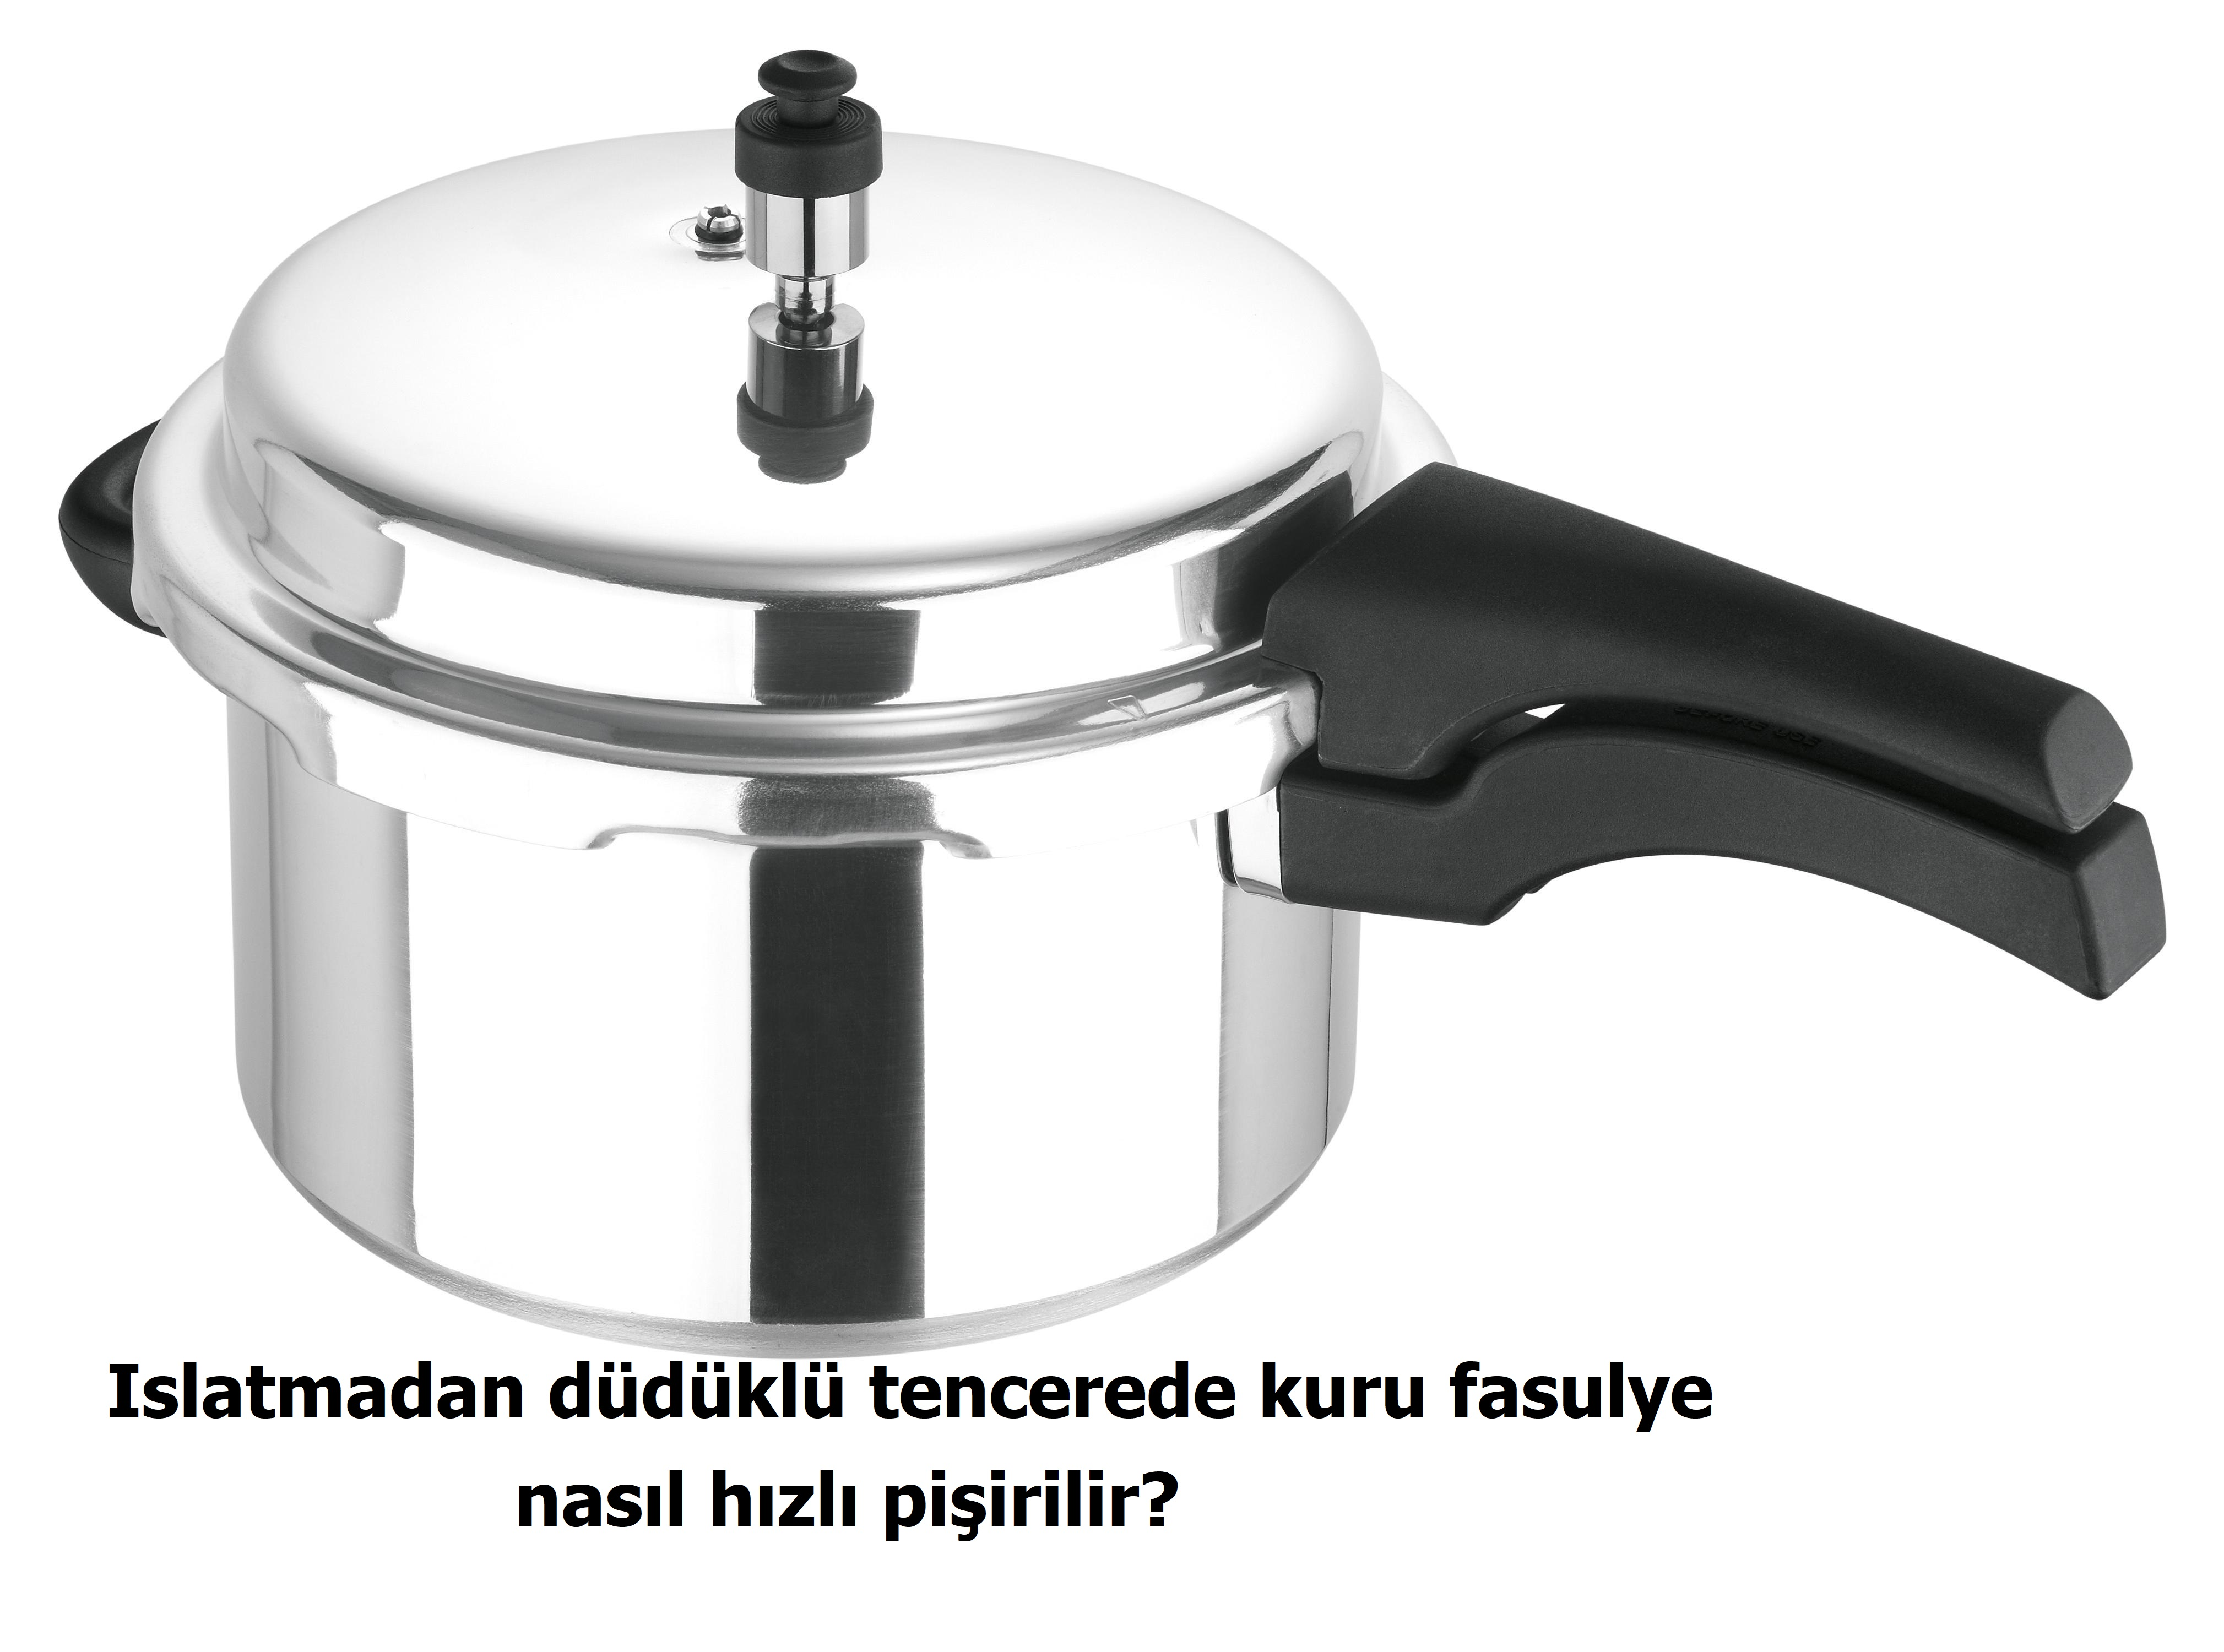 Islatmadan düdüklü tencerede kuru fasulye nasıl hızlı pişirilir?